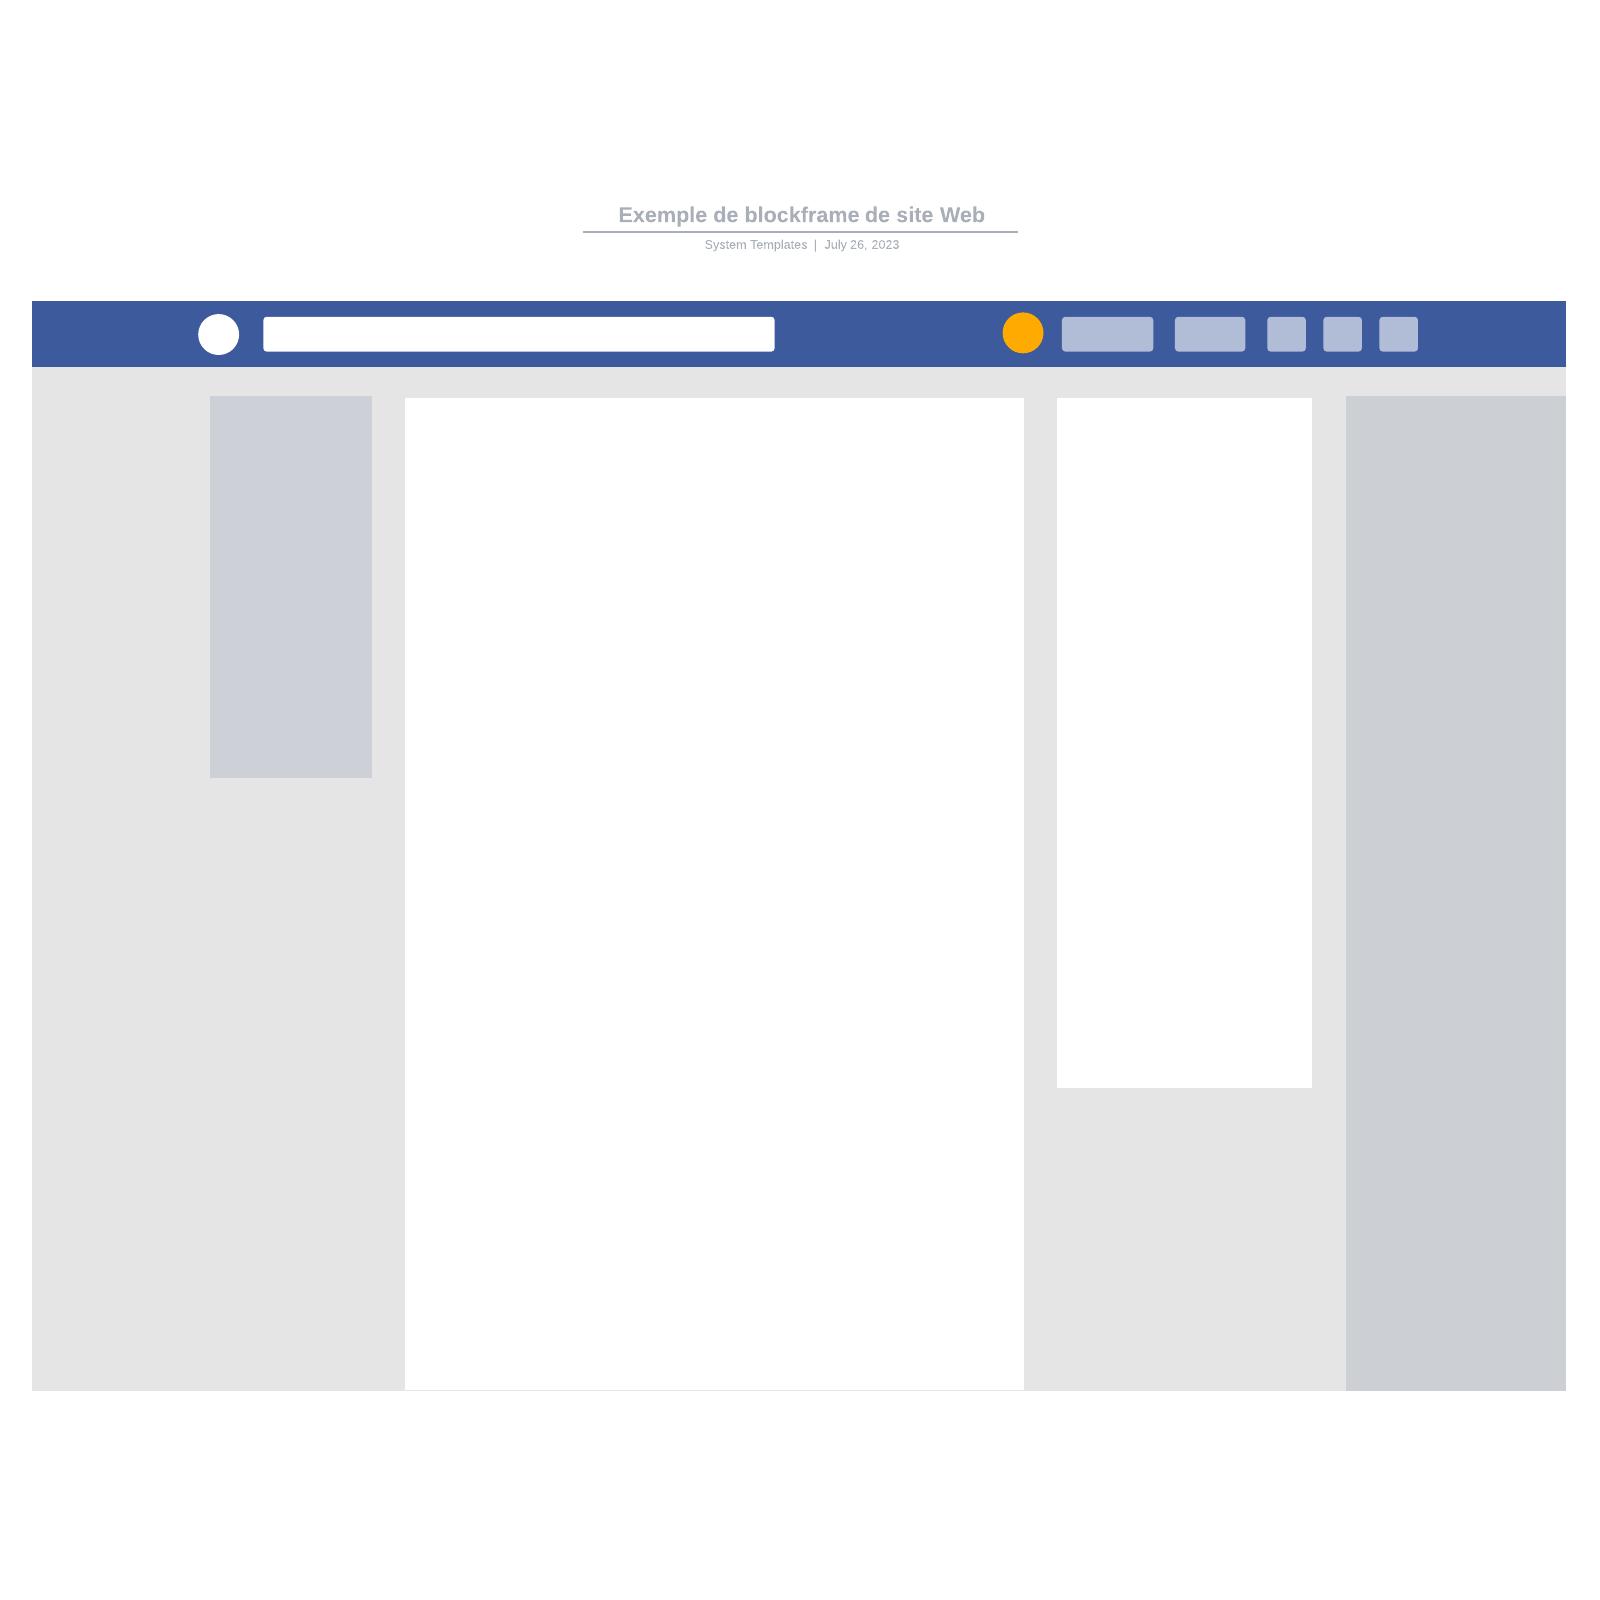 exemple de blockframe de site Web